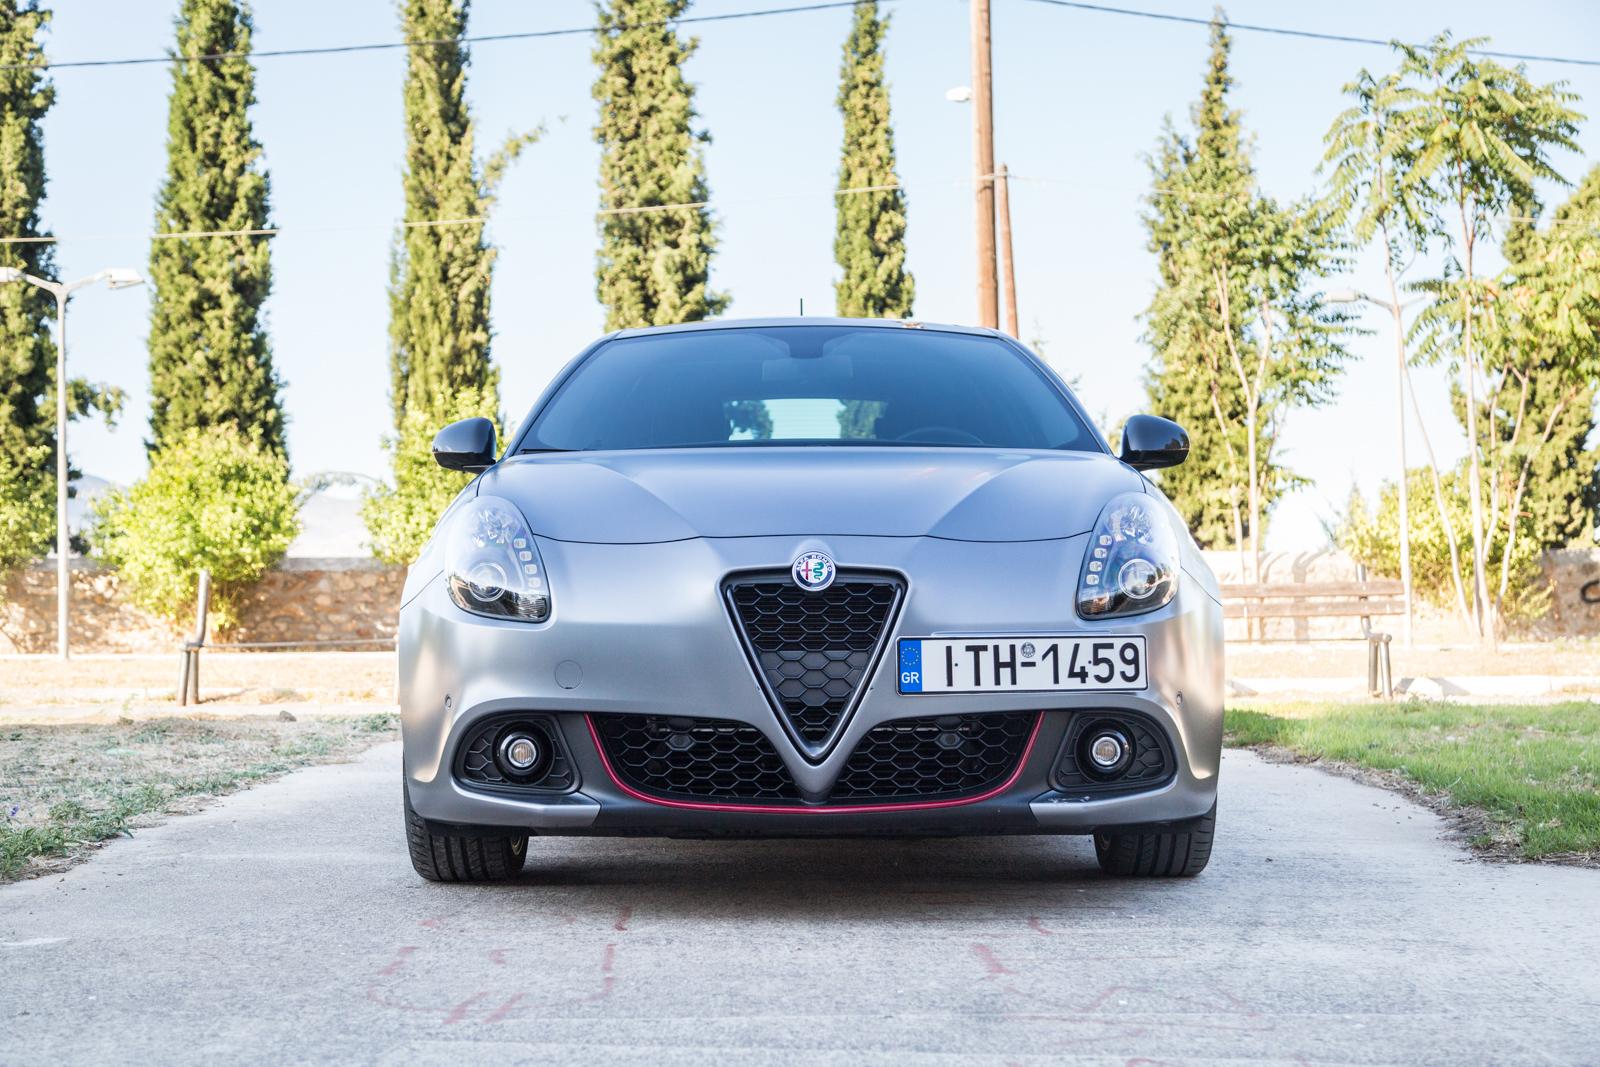 Test_Drive_Alfa_Romeo_Giulietta_TCT_1.6_JTDM-2_01